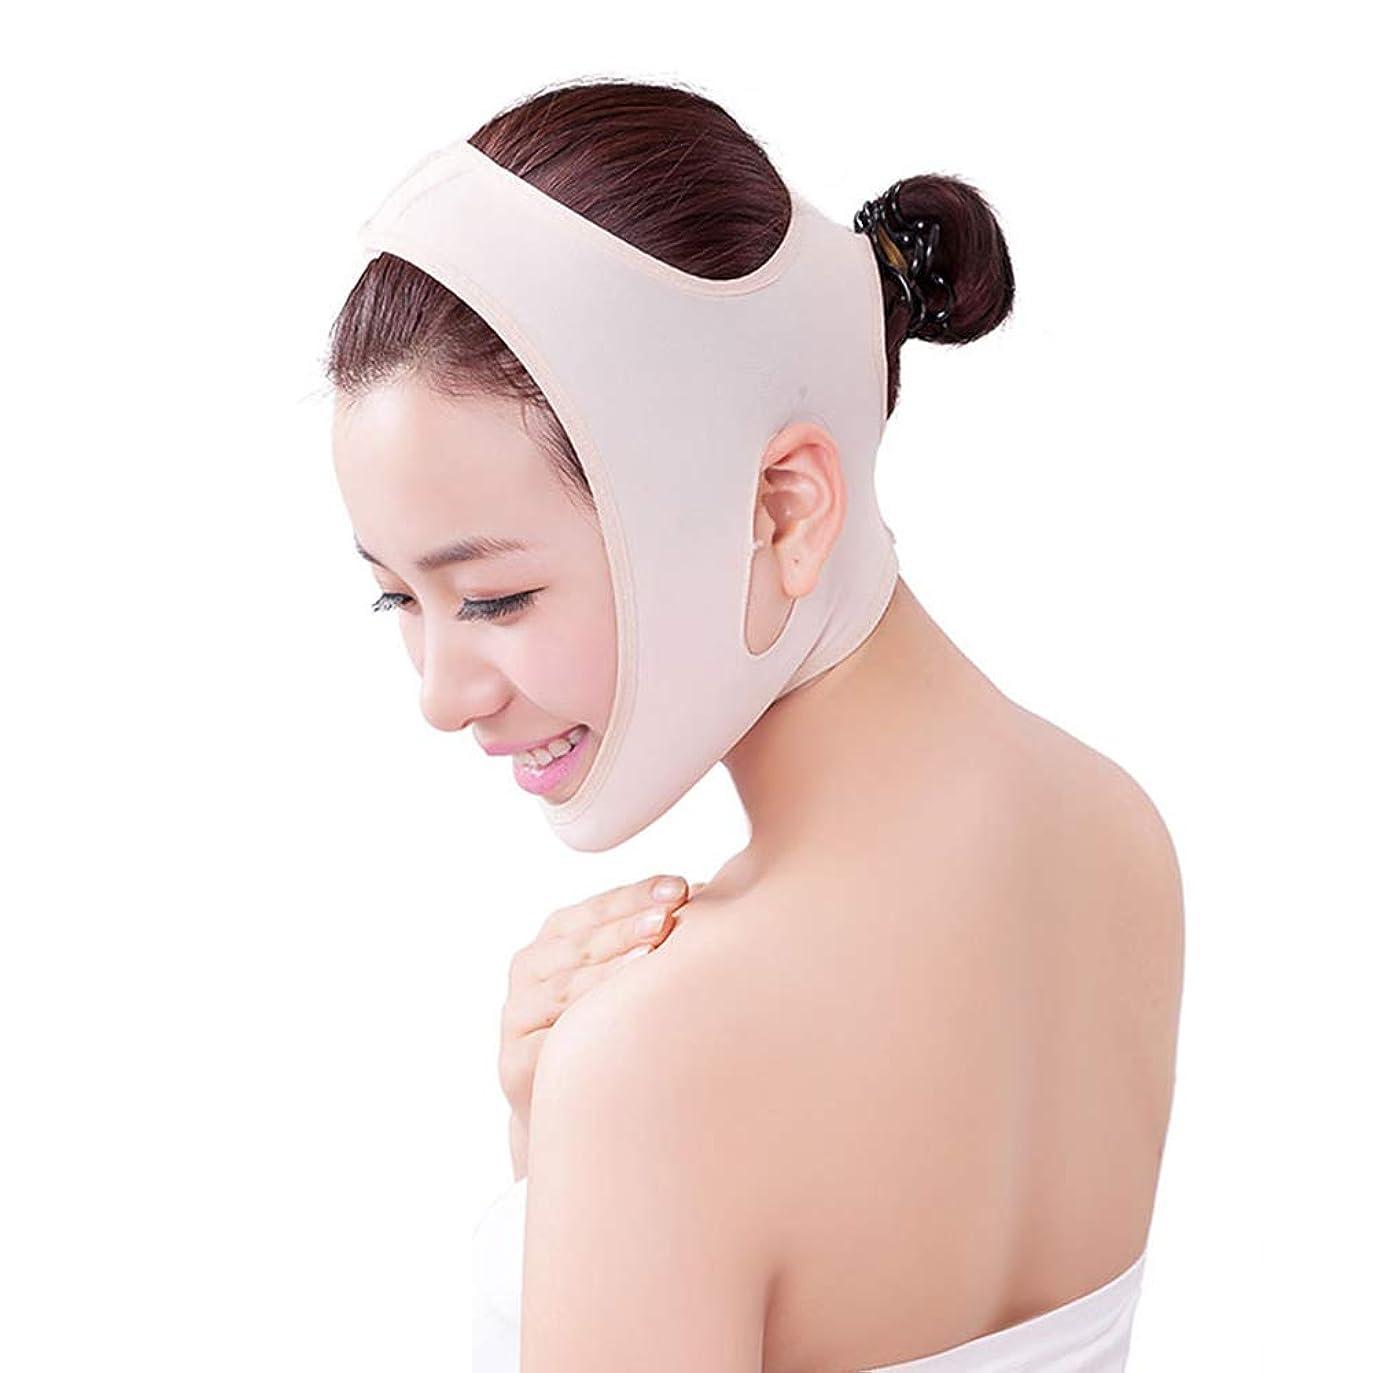 行く玉住所GYZ 顔の持ち上がる痩身ベルト - アンチエイジングリンクルフェイスマスクベルトあなたの顔のためのすばらしい試し二重あごの試し Thin Face Belt (Size : L)